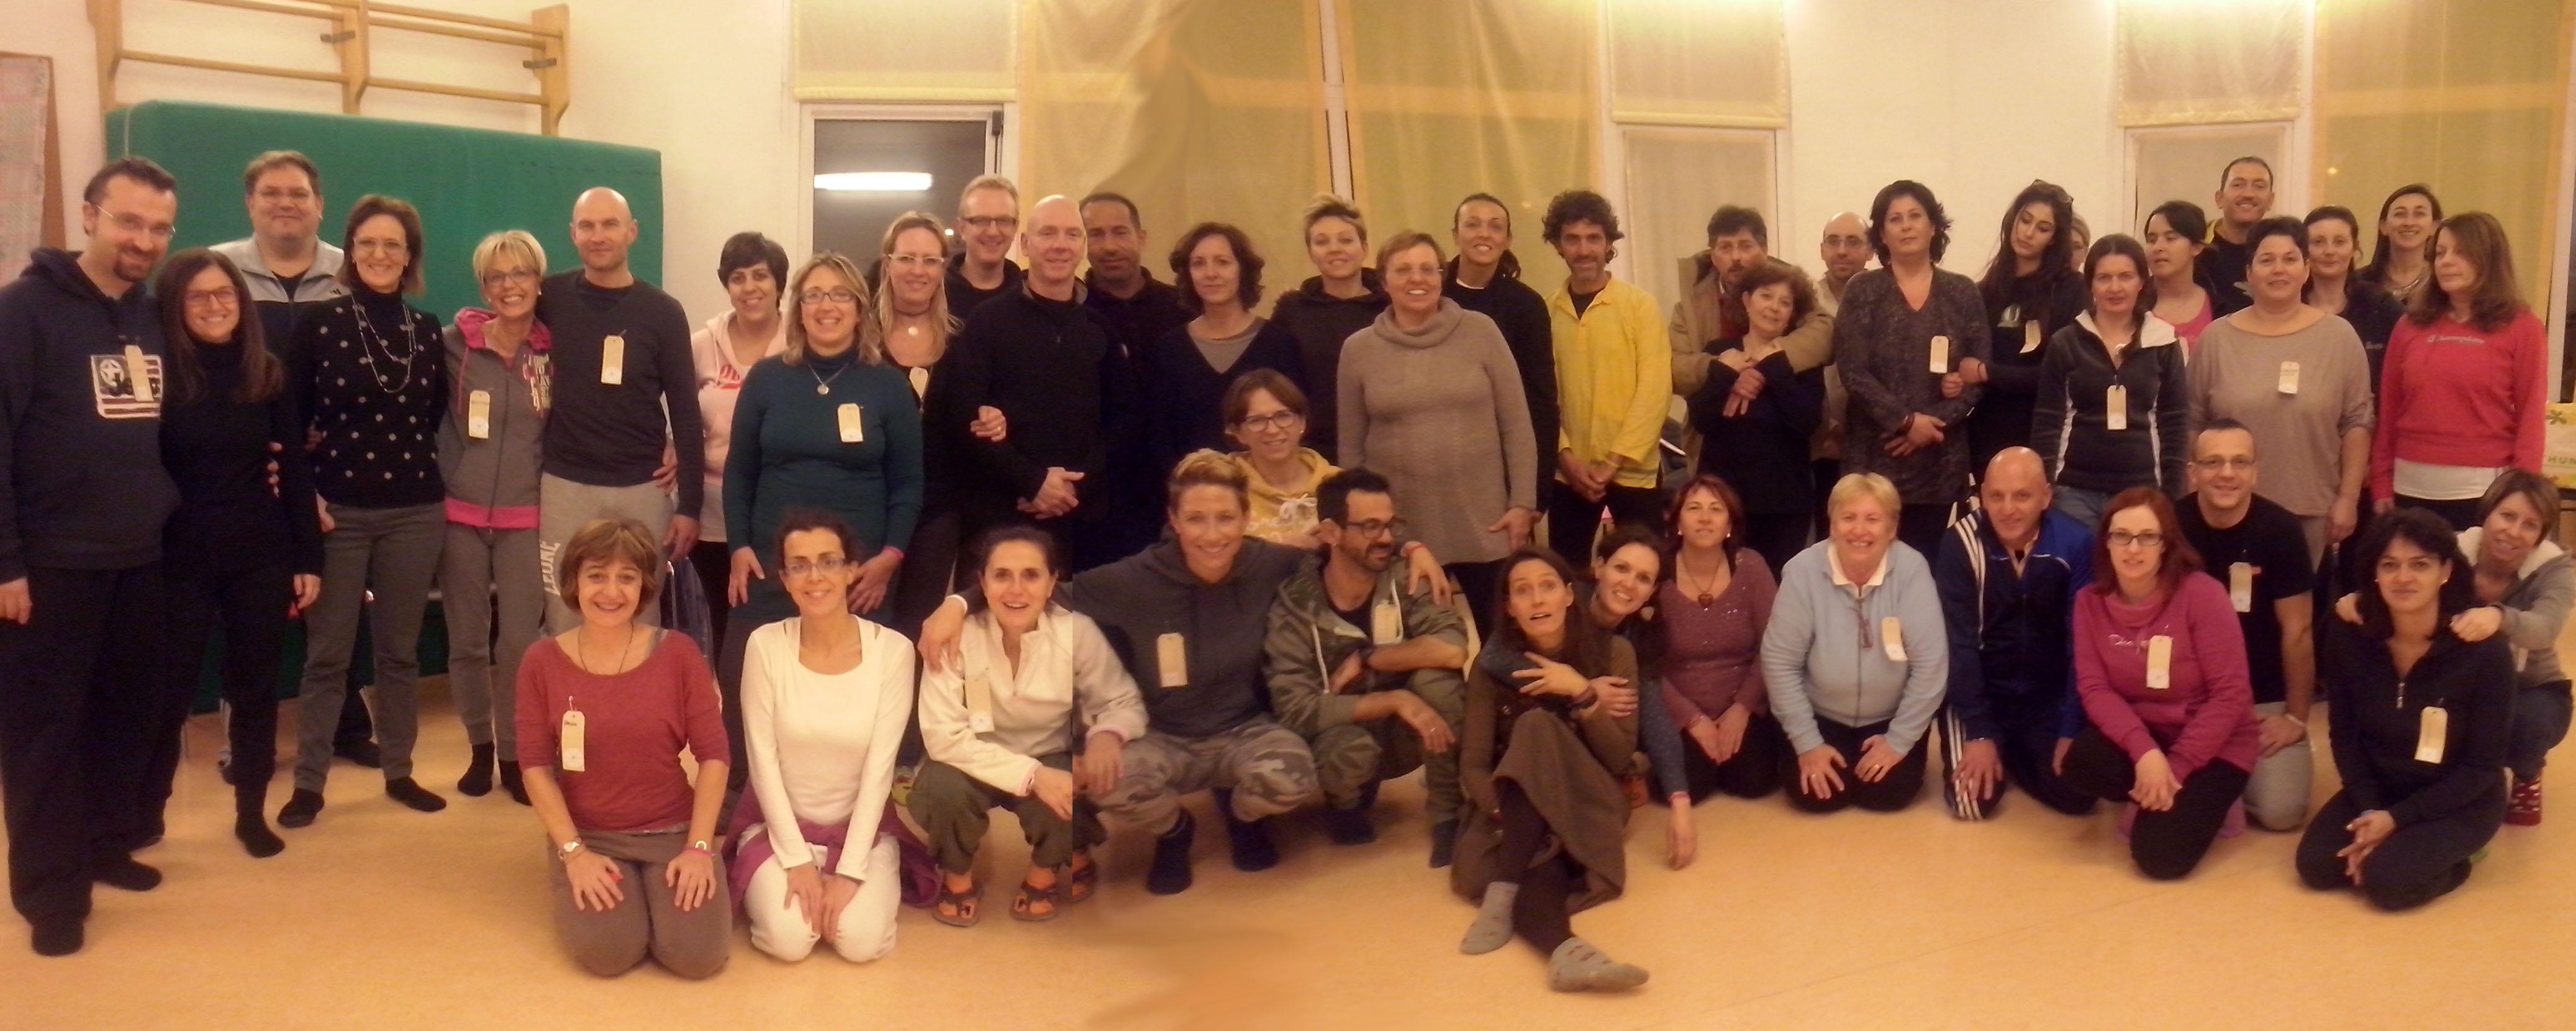 vicenza 30 Novembre 2014